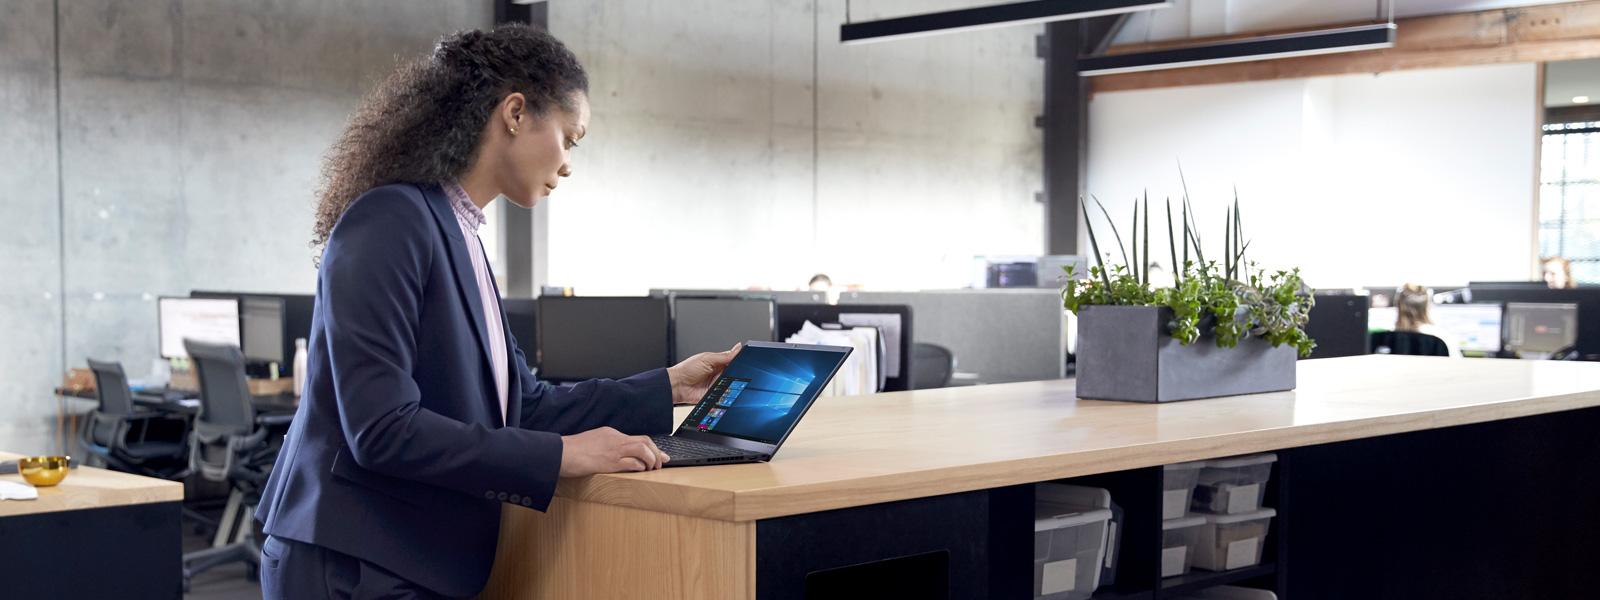 Tela do Windows Hello em um laptop sobre a mesa